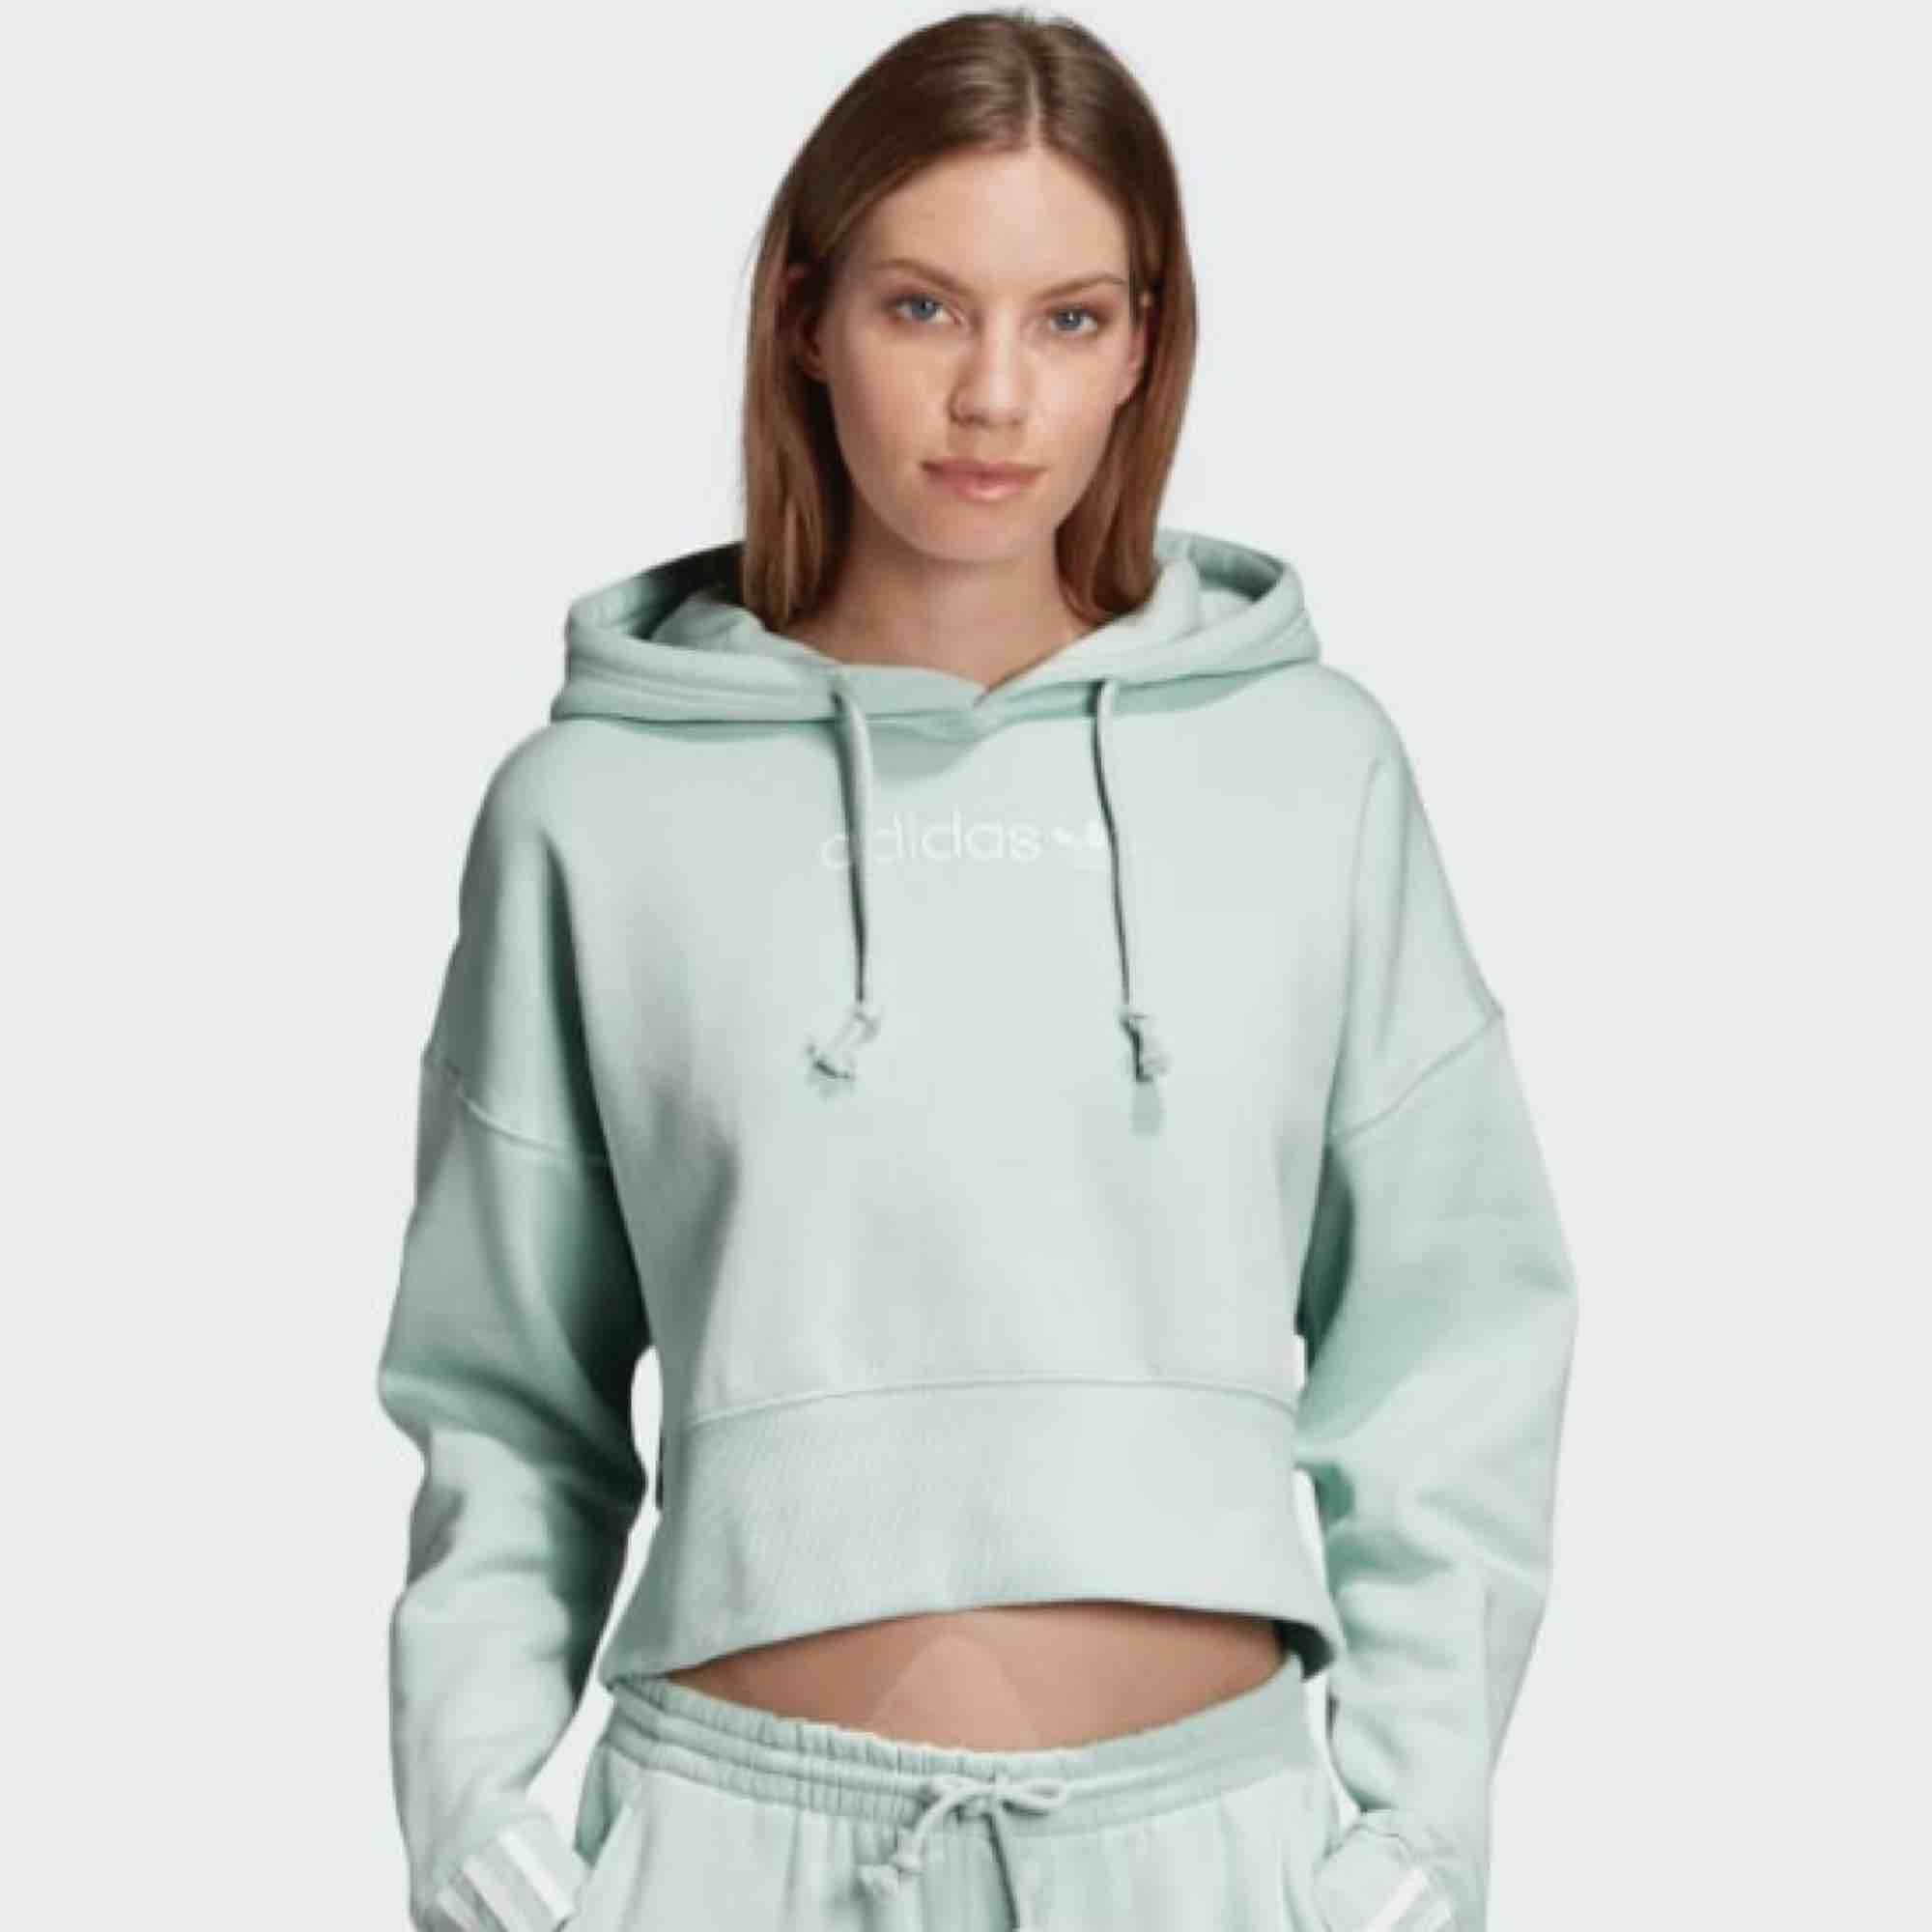 Adidas Hoodie i bra skick, använd ett fåtal gånger.  Original pris 699 kr. Huvtröjor & Träningströjor.